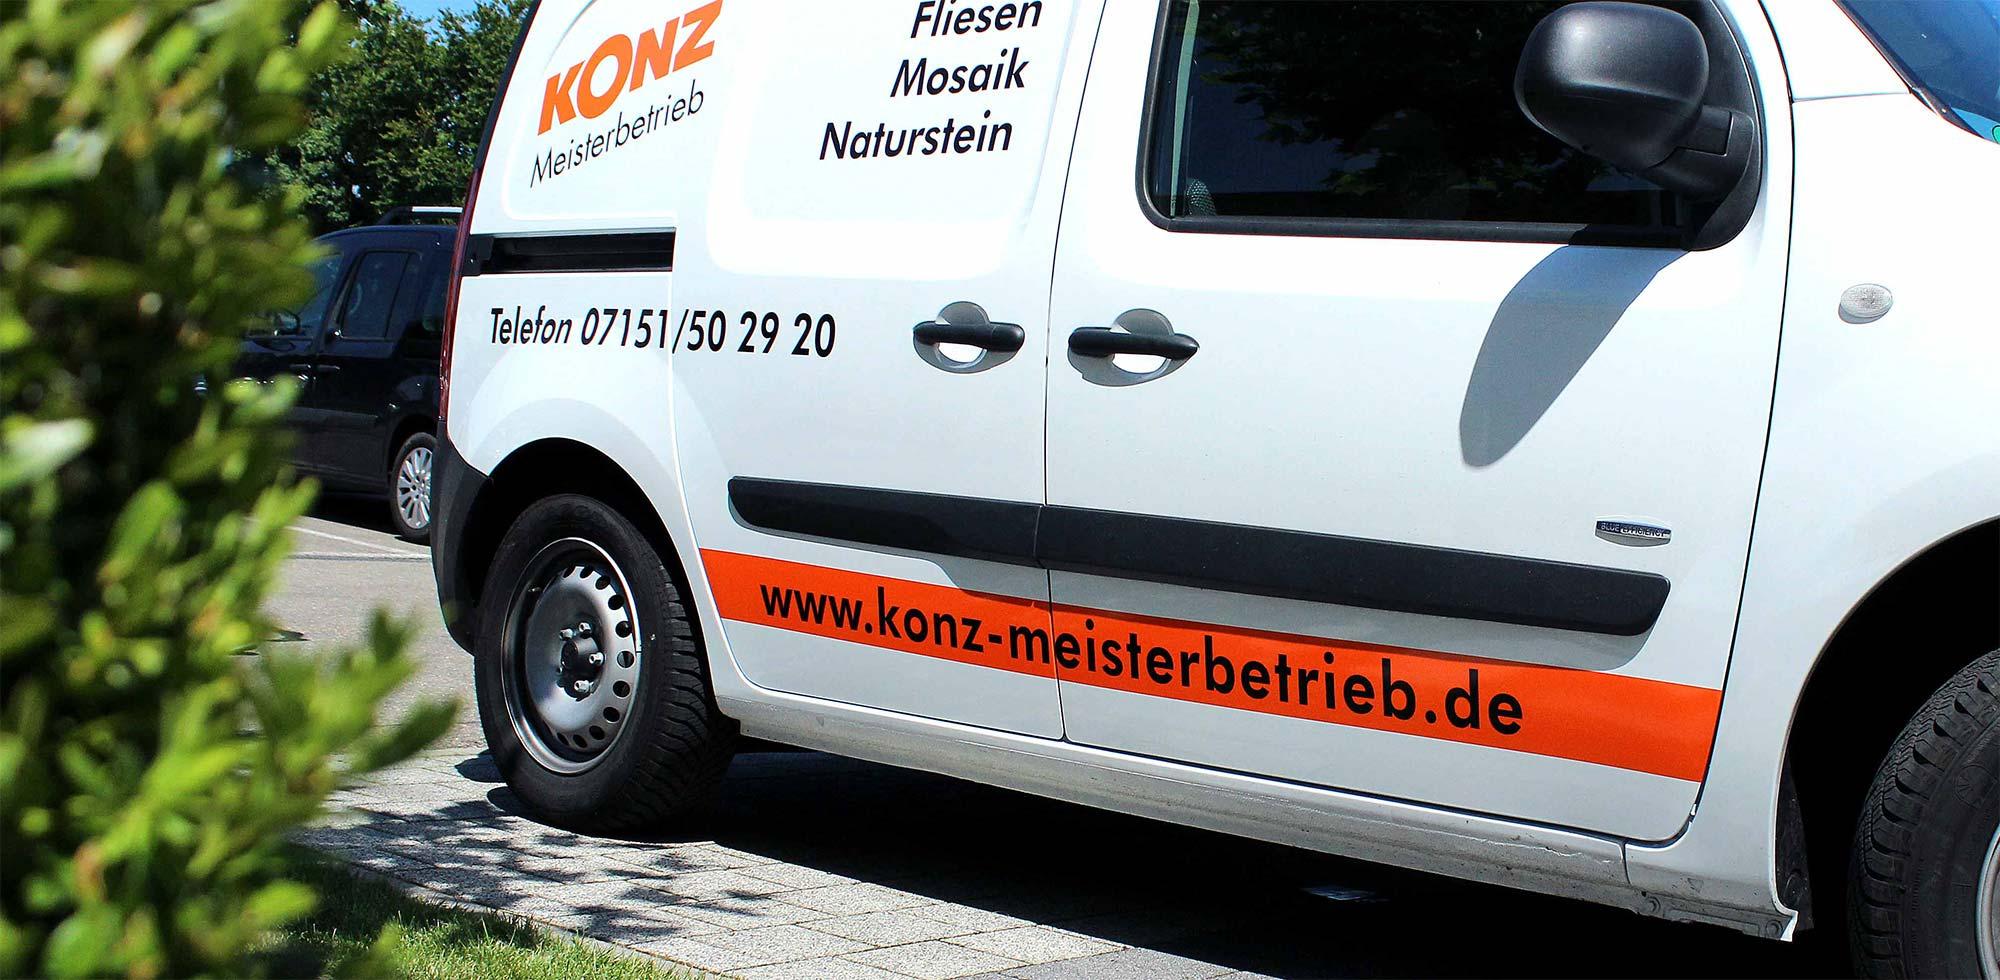 Fahrzeugbeschriftung GIRAFFIKKA 73642 Welzheim Rudersberger Str. 14